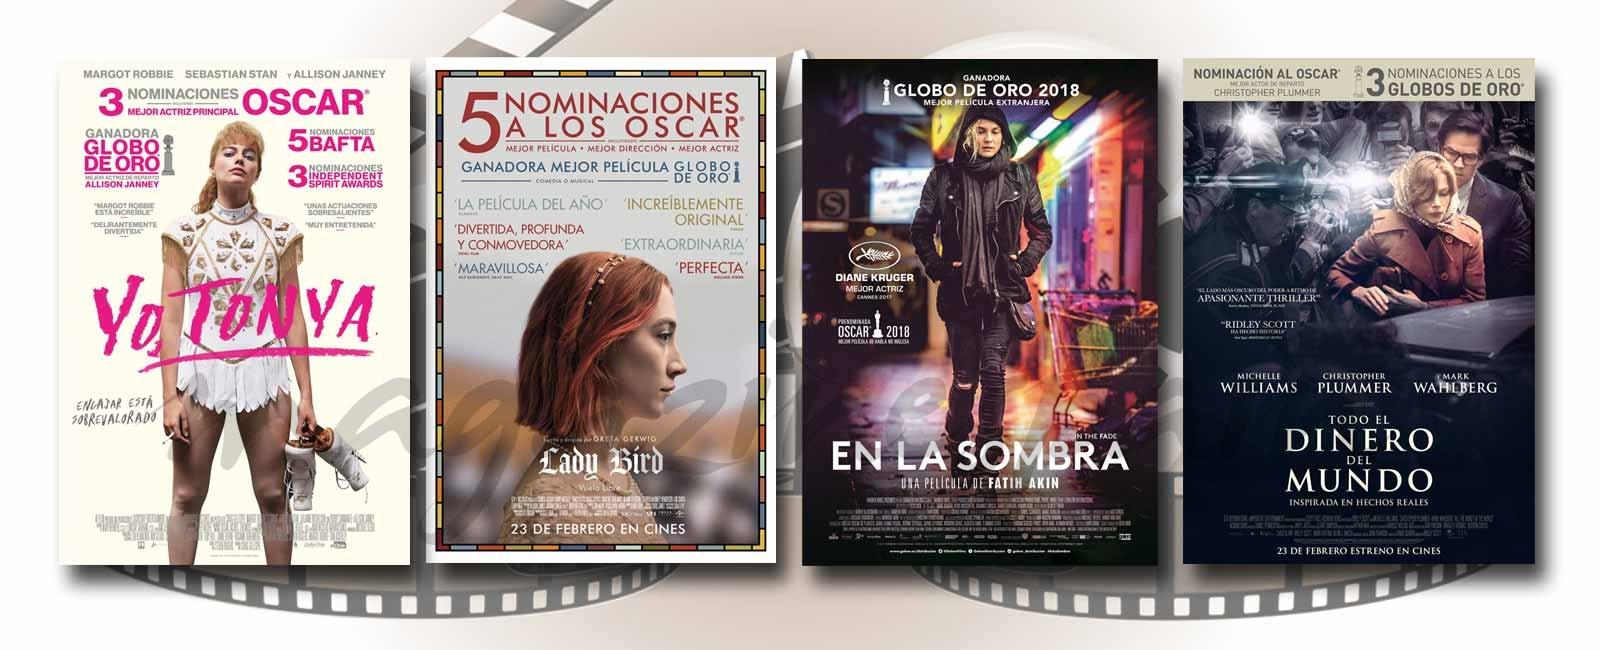 Estrenos de Cine de la Semana… 23 de Febrero 2018